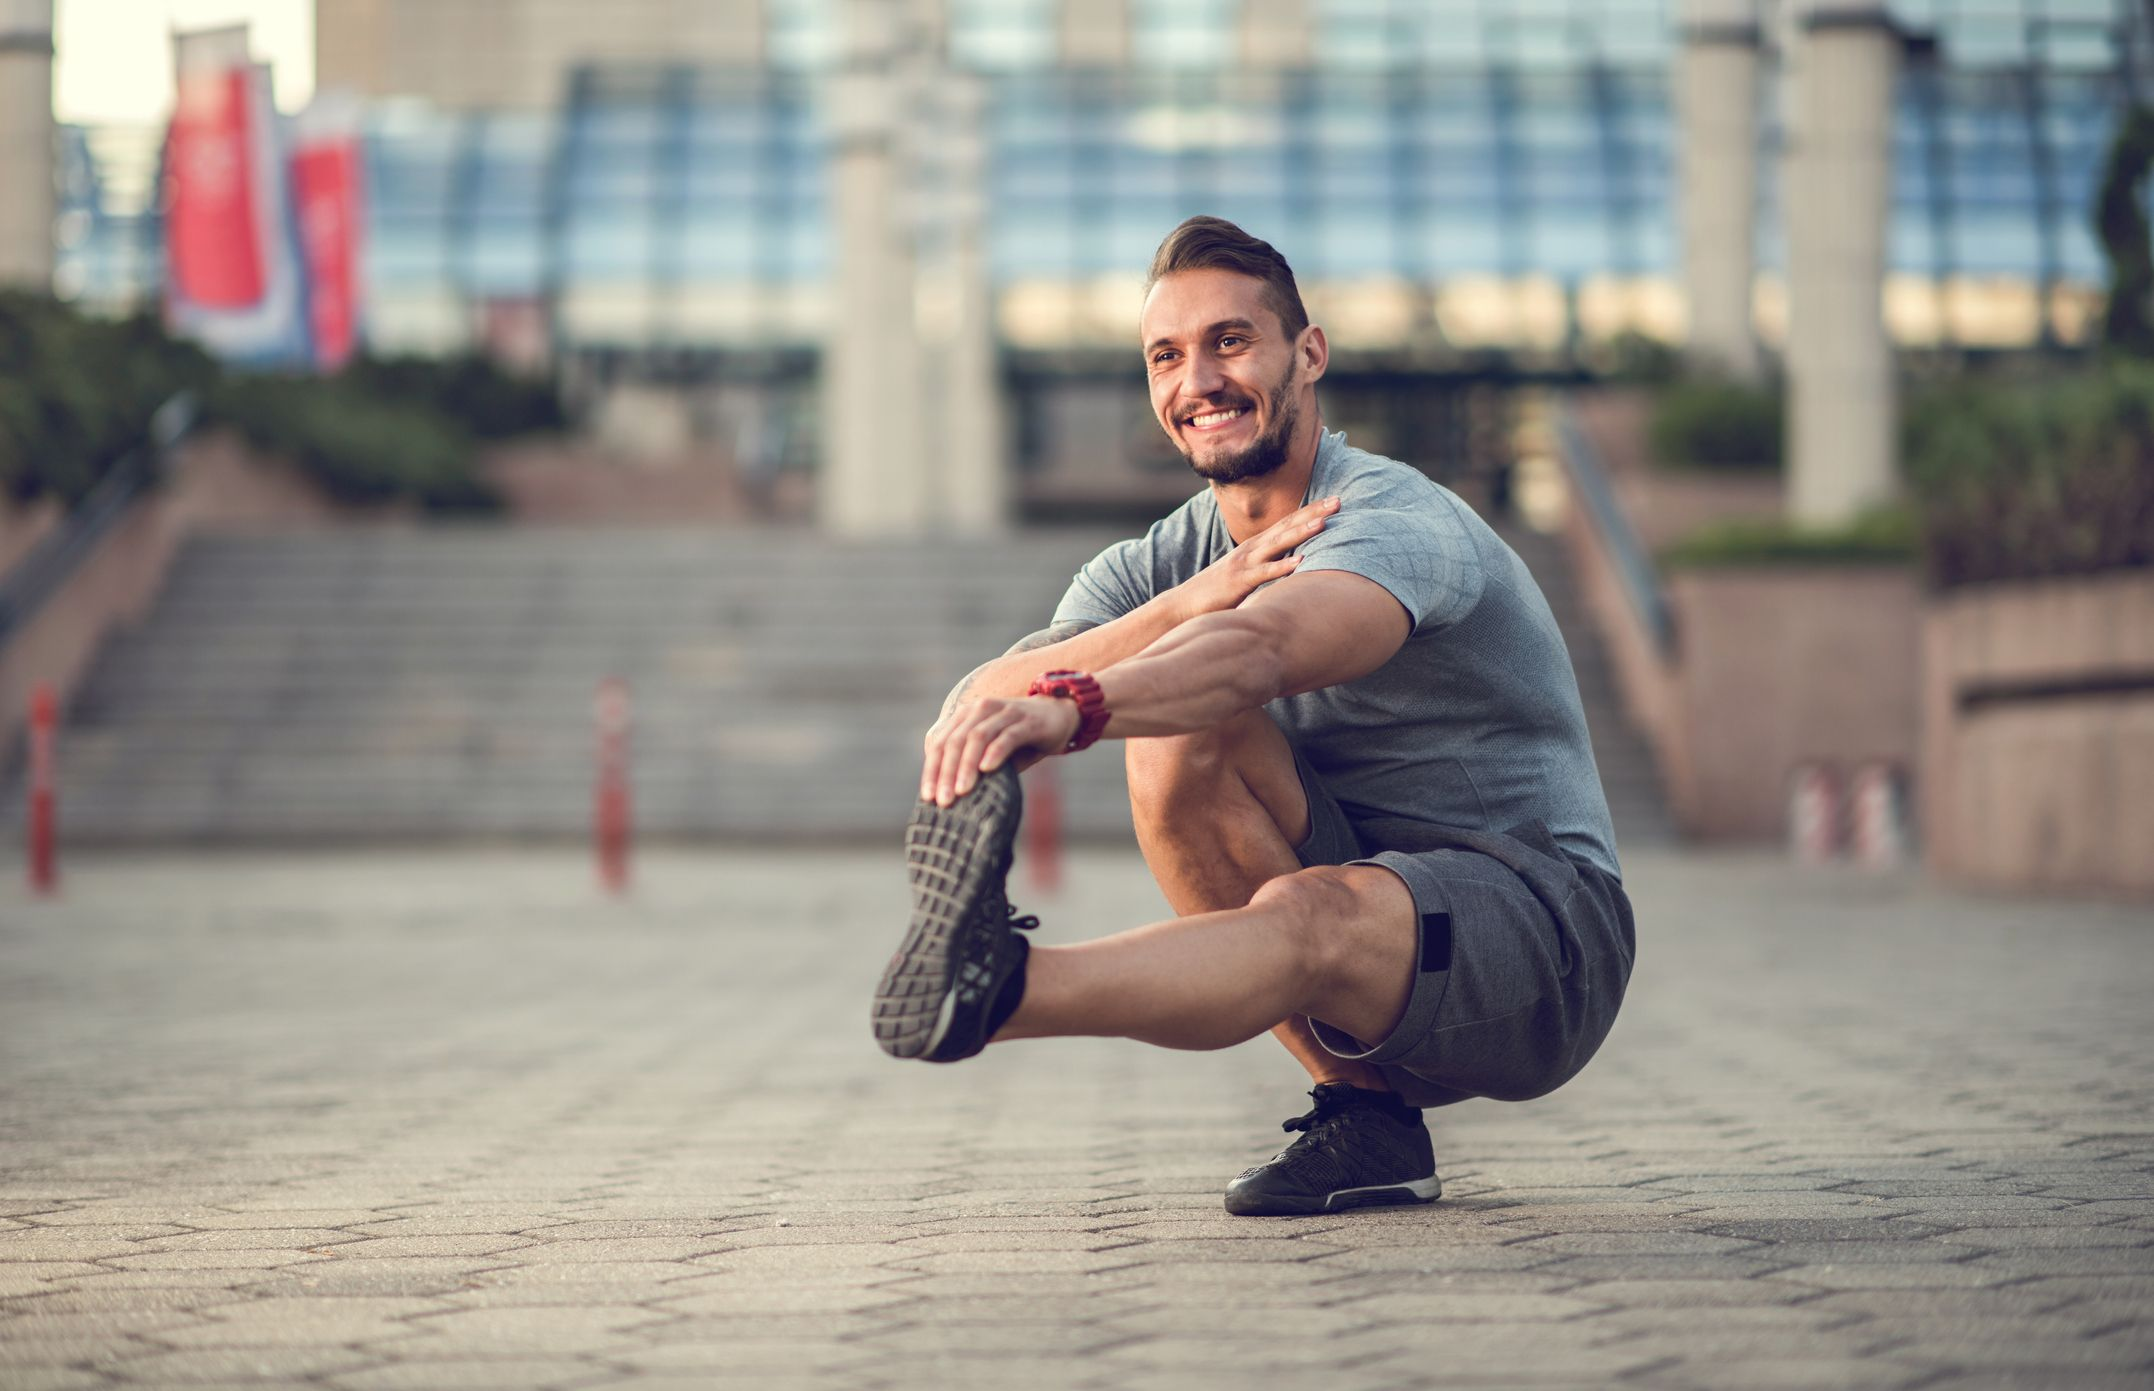 Ejercicios de piernas en casa: con estas cuatriseries volverás a sentir agujetas